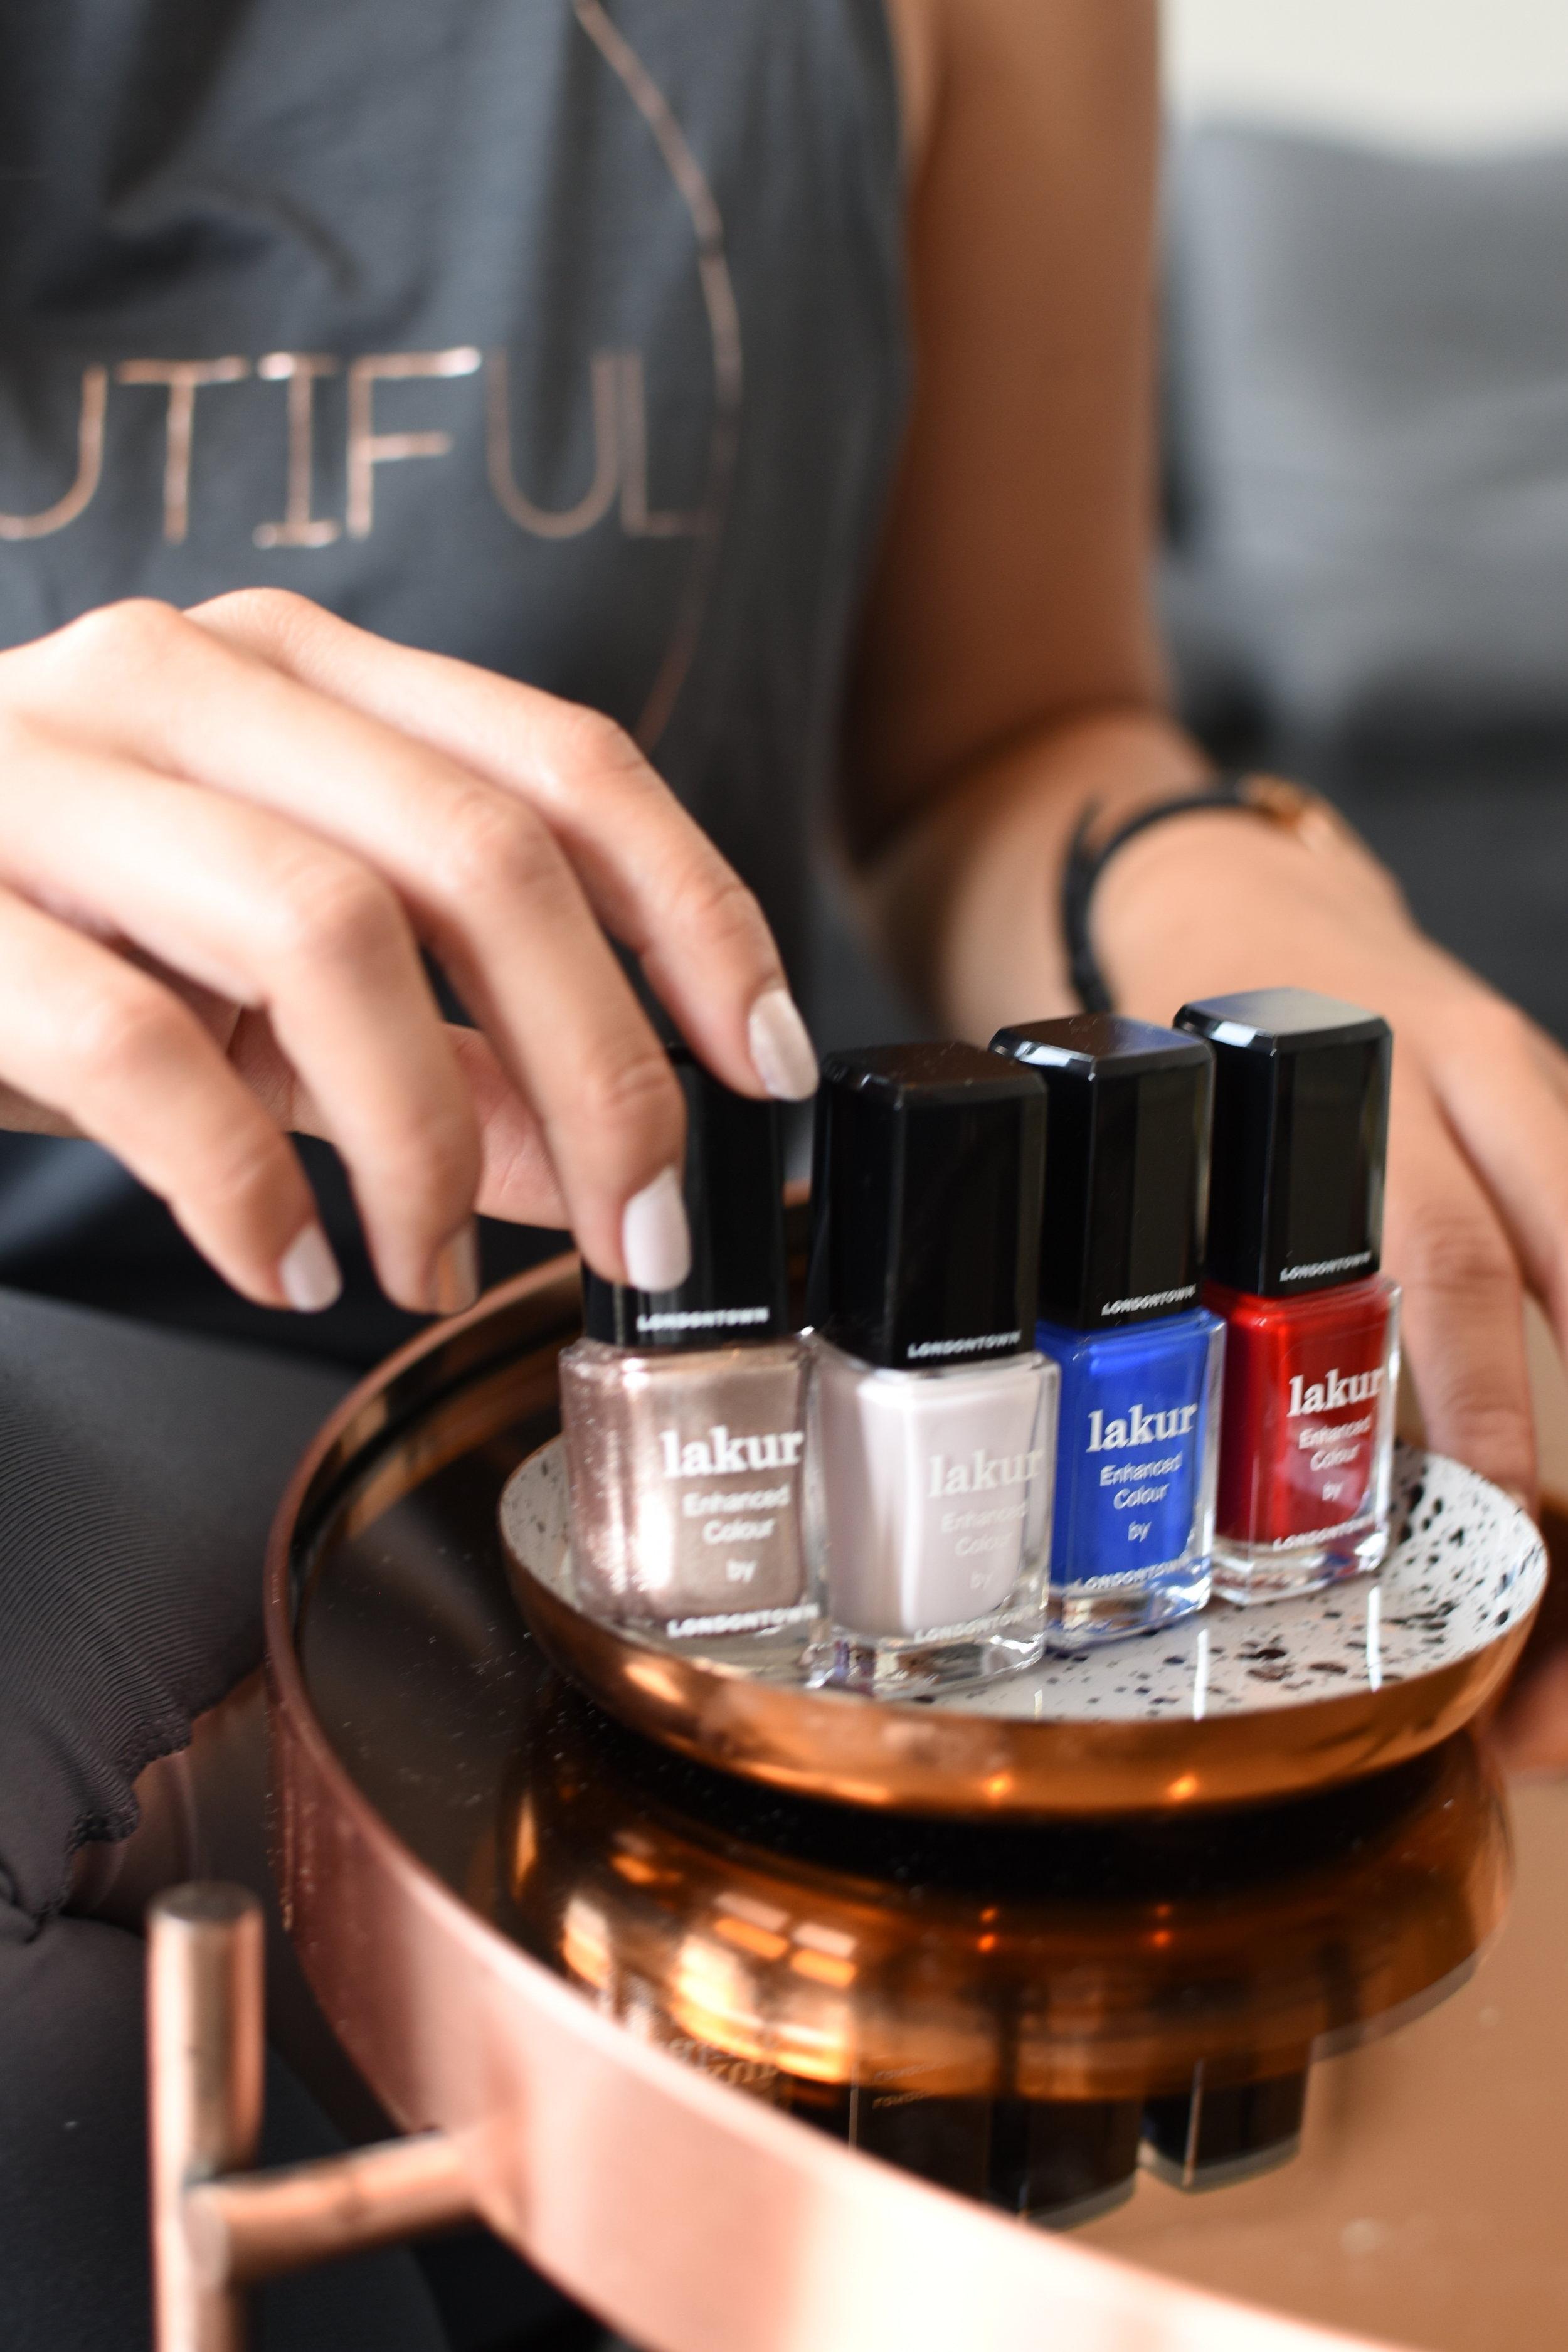 Healthy Nail Polish, Nail Color, Nailcare, Nail Salon, Pretty Colors for Nails,